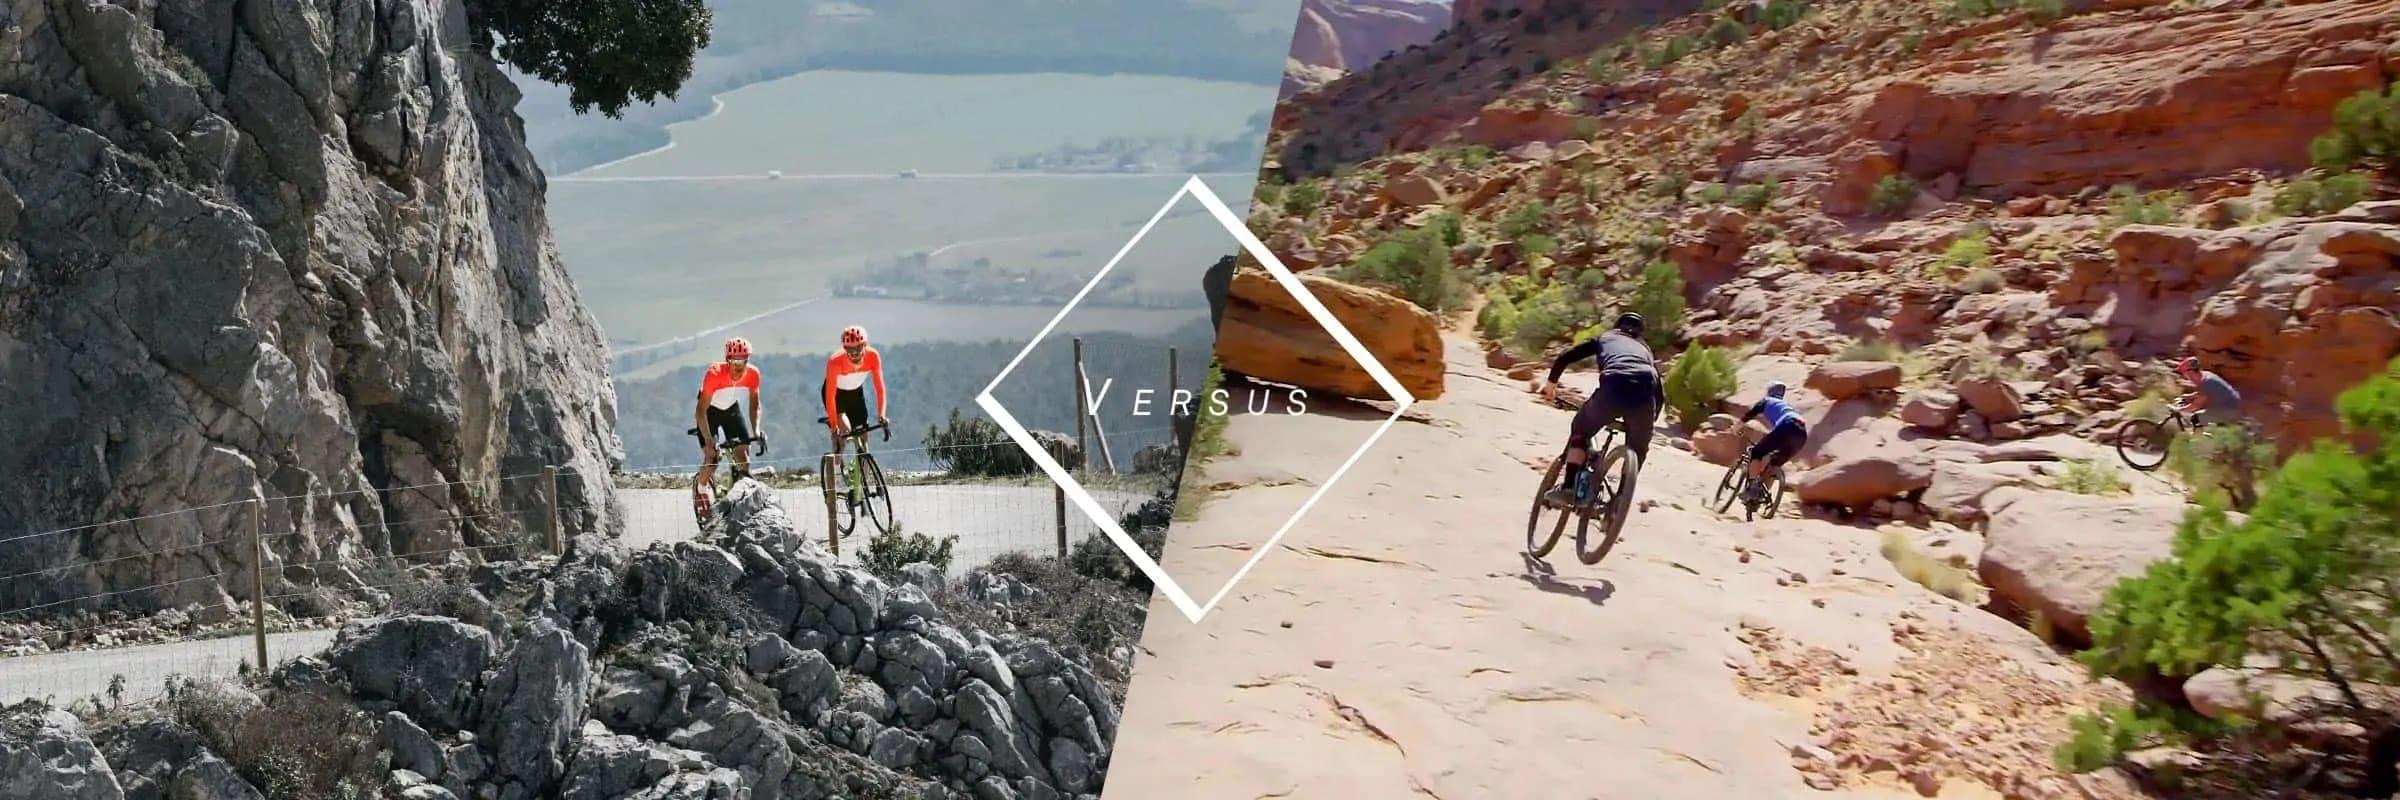 Casque de vélo de route VS Casque de vélo de montagne